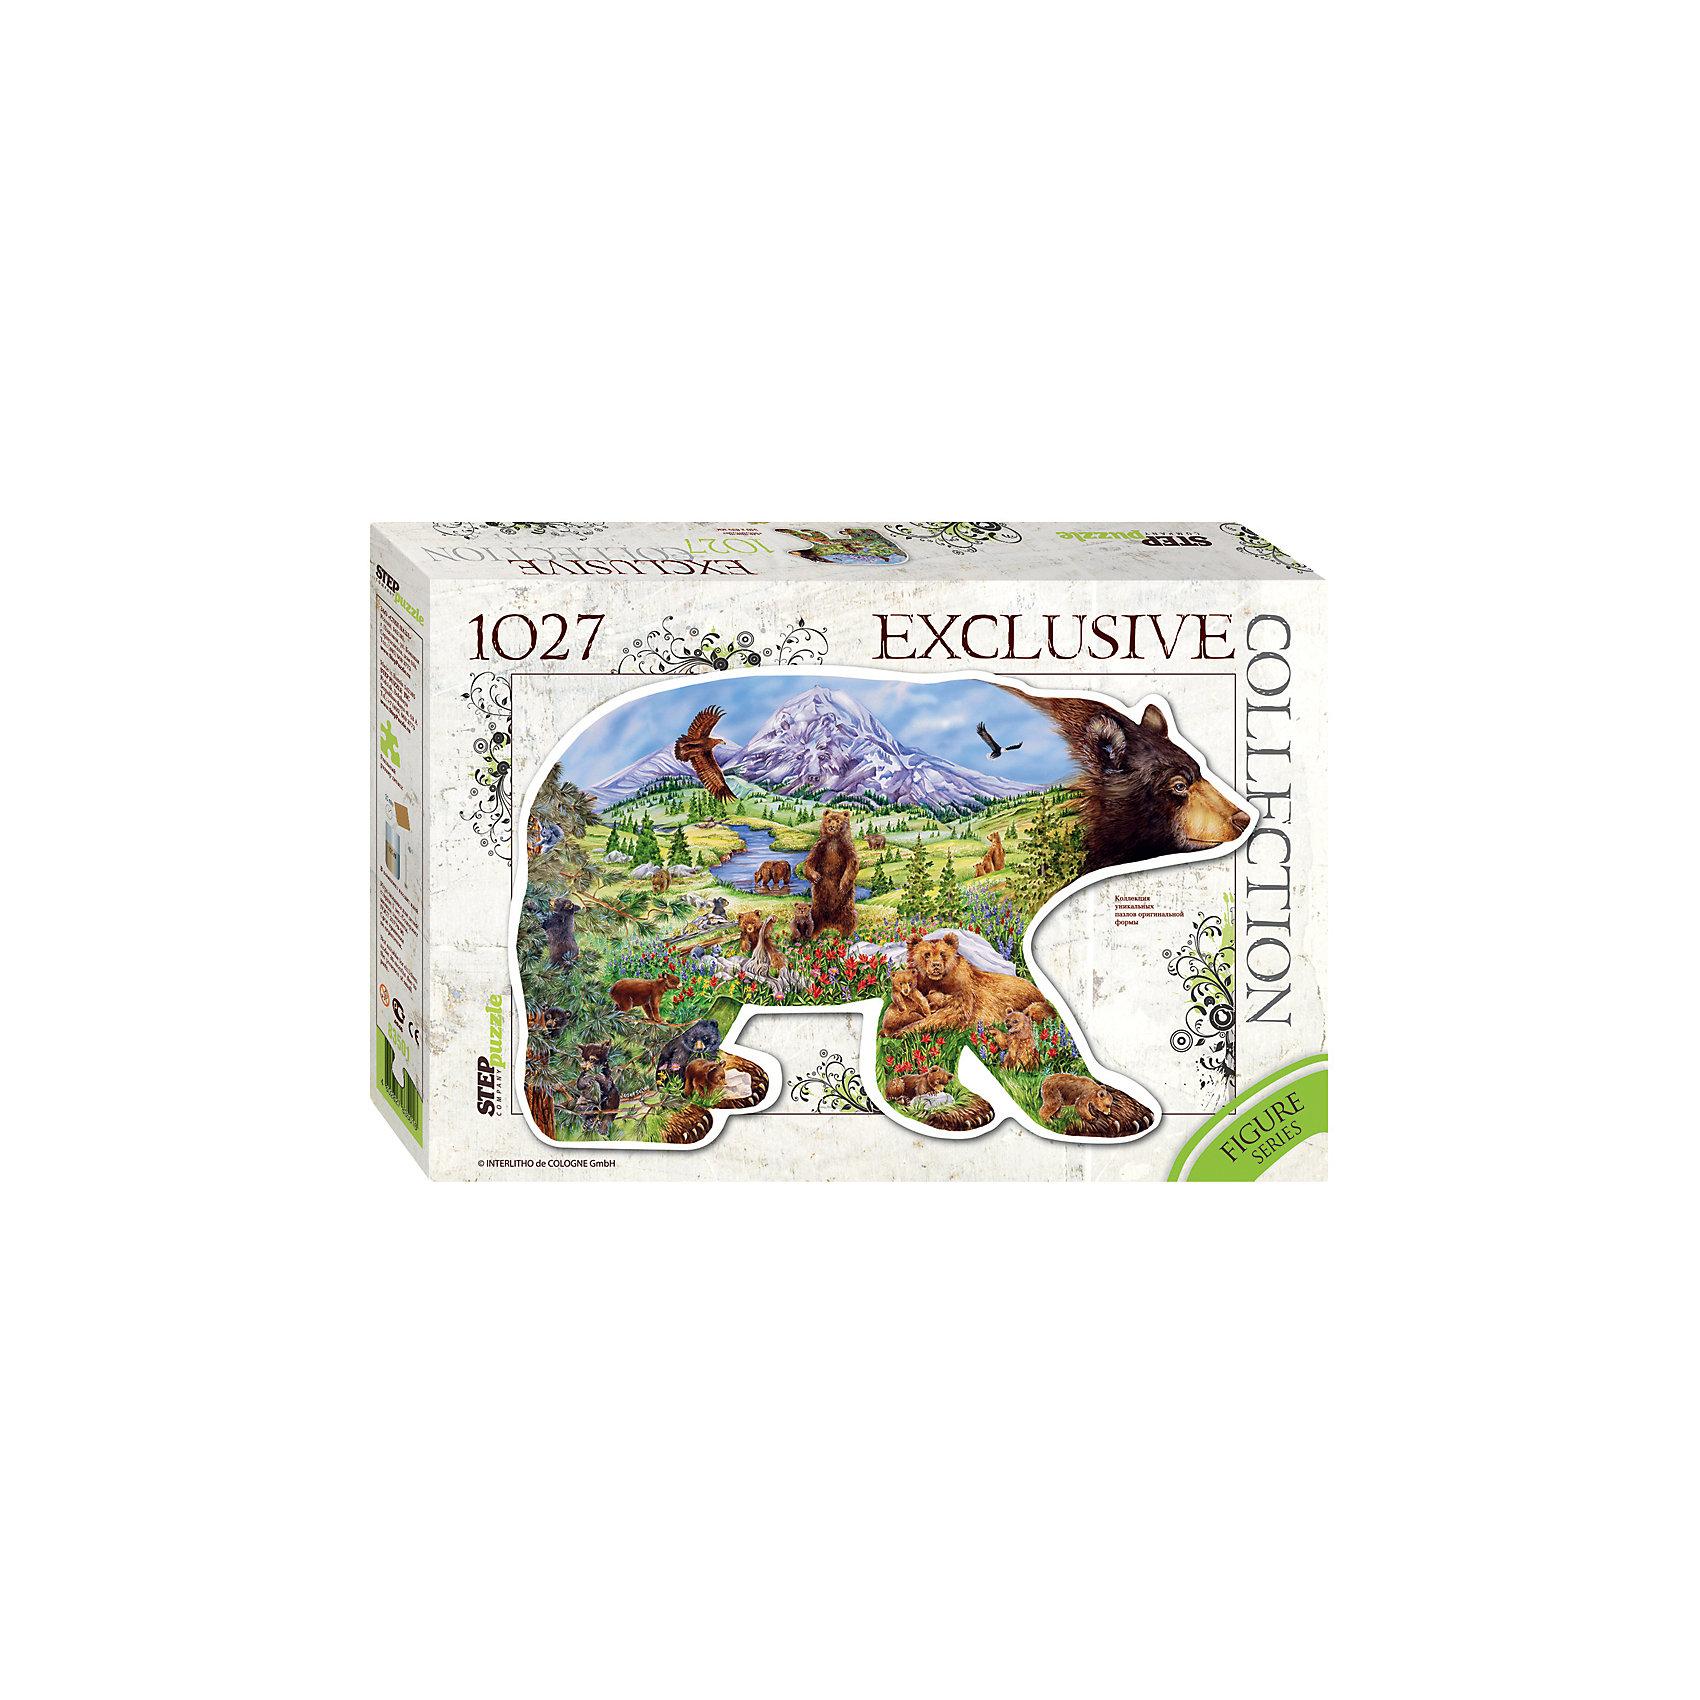 Степ Пазл Пазл Медведь, 1027 деталей, Step Puzzle степ пазл пазл букет цветов с улиткой 1000 деталей step puzzle